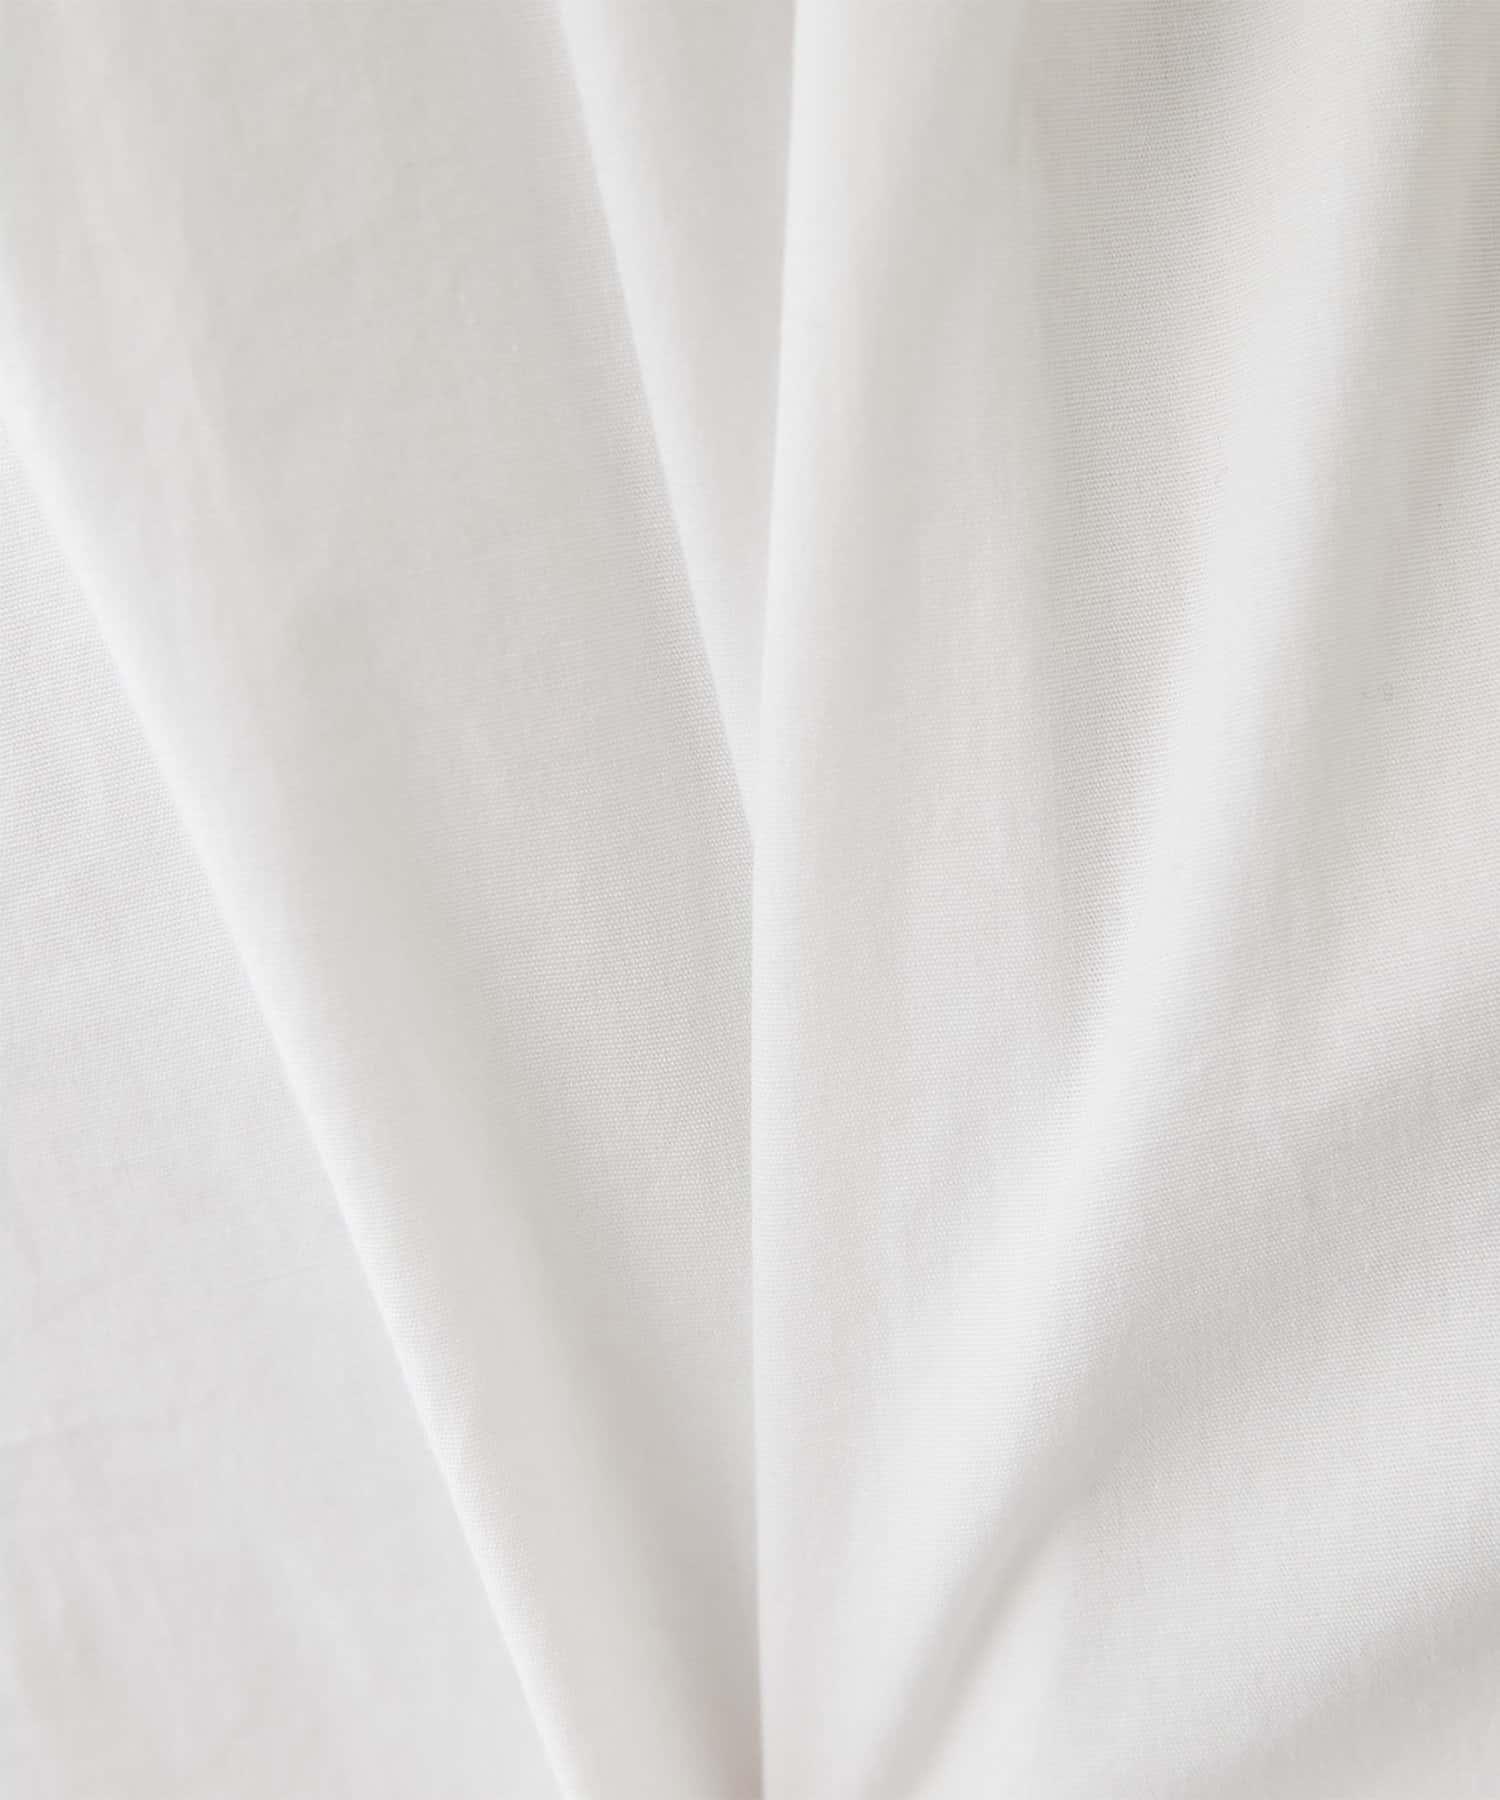 Whim Gazette(ウィム ガゼット) 【Col Pierrot】レースブラウス